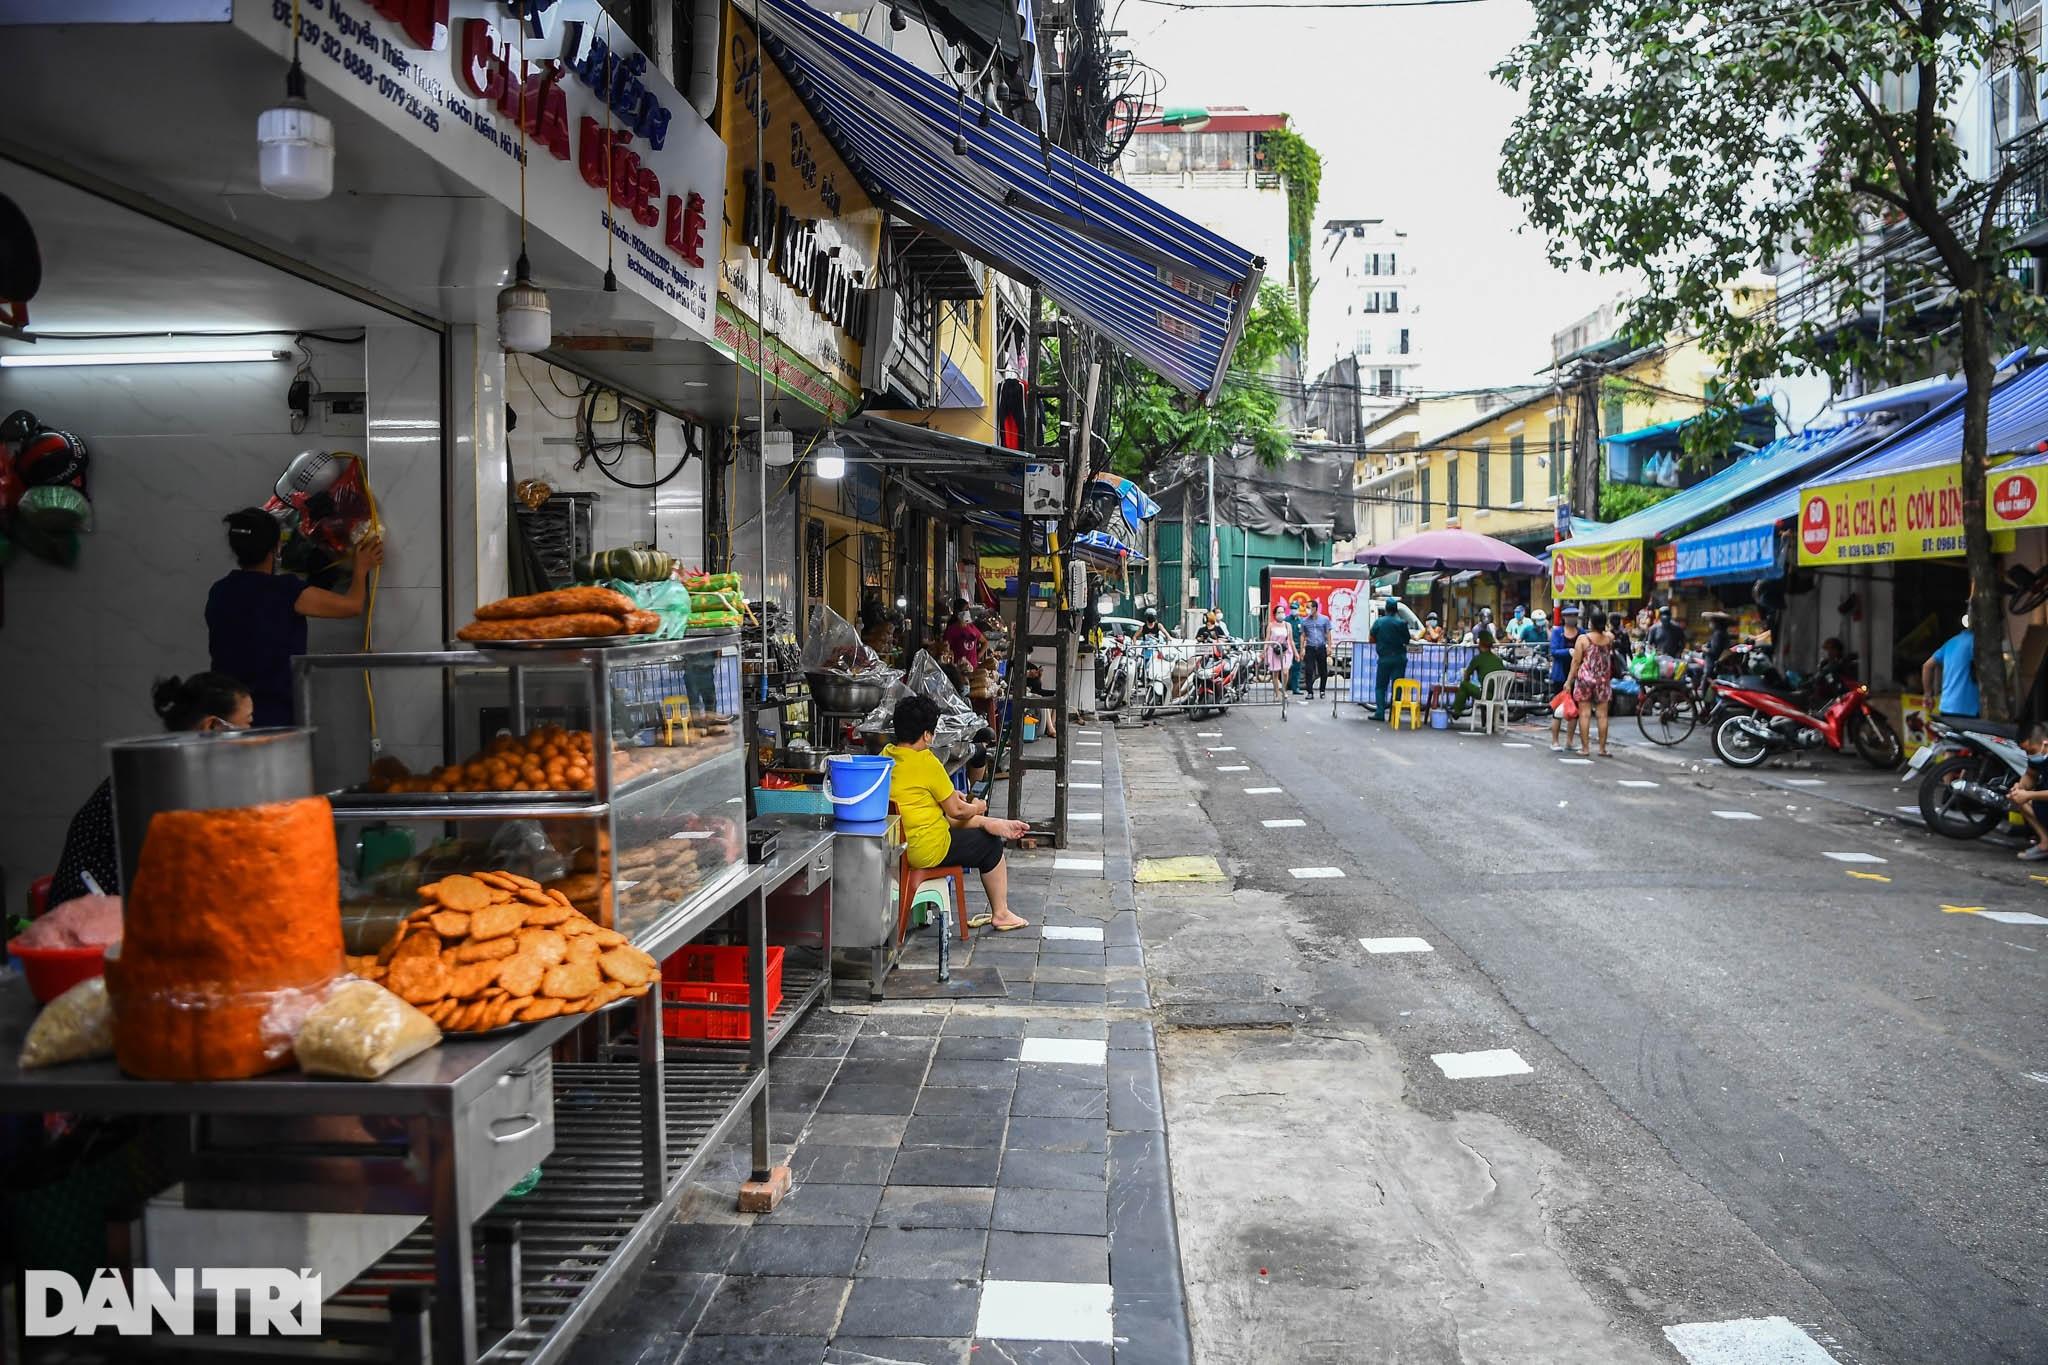 Độc đáo những phương pháp phòng dịch tại các chợ dân sinh ở Hà Nội - 12